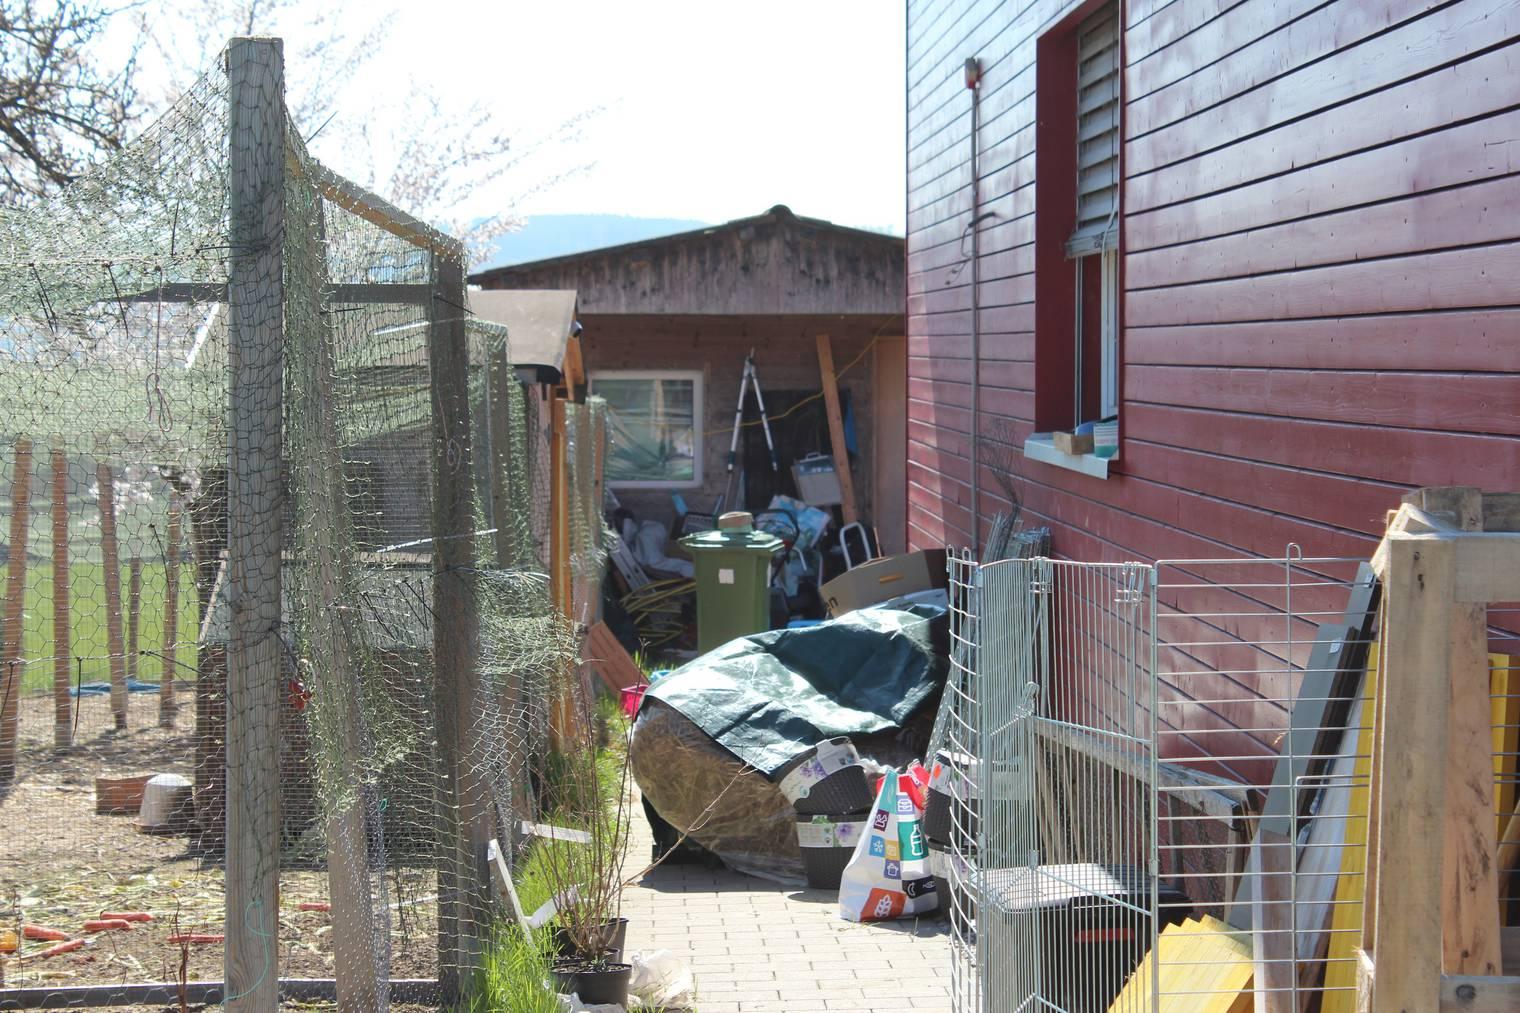 Der Garten der Frau ist zugemüllt mit Papiertüten, Käfigen, Futtersäcken und Gartenwerkzeugen. (Bild: FM1Today/Sarah Lippuner)